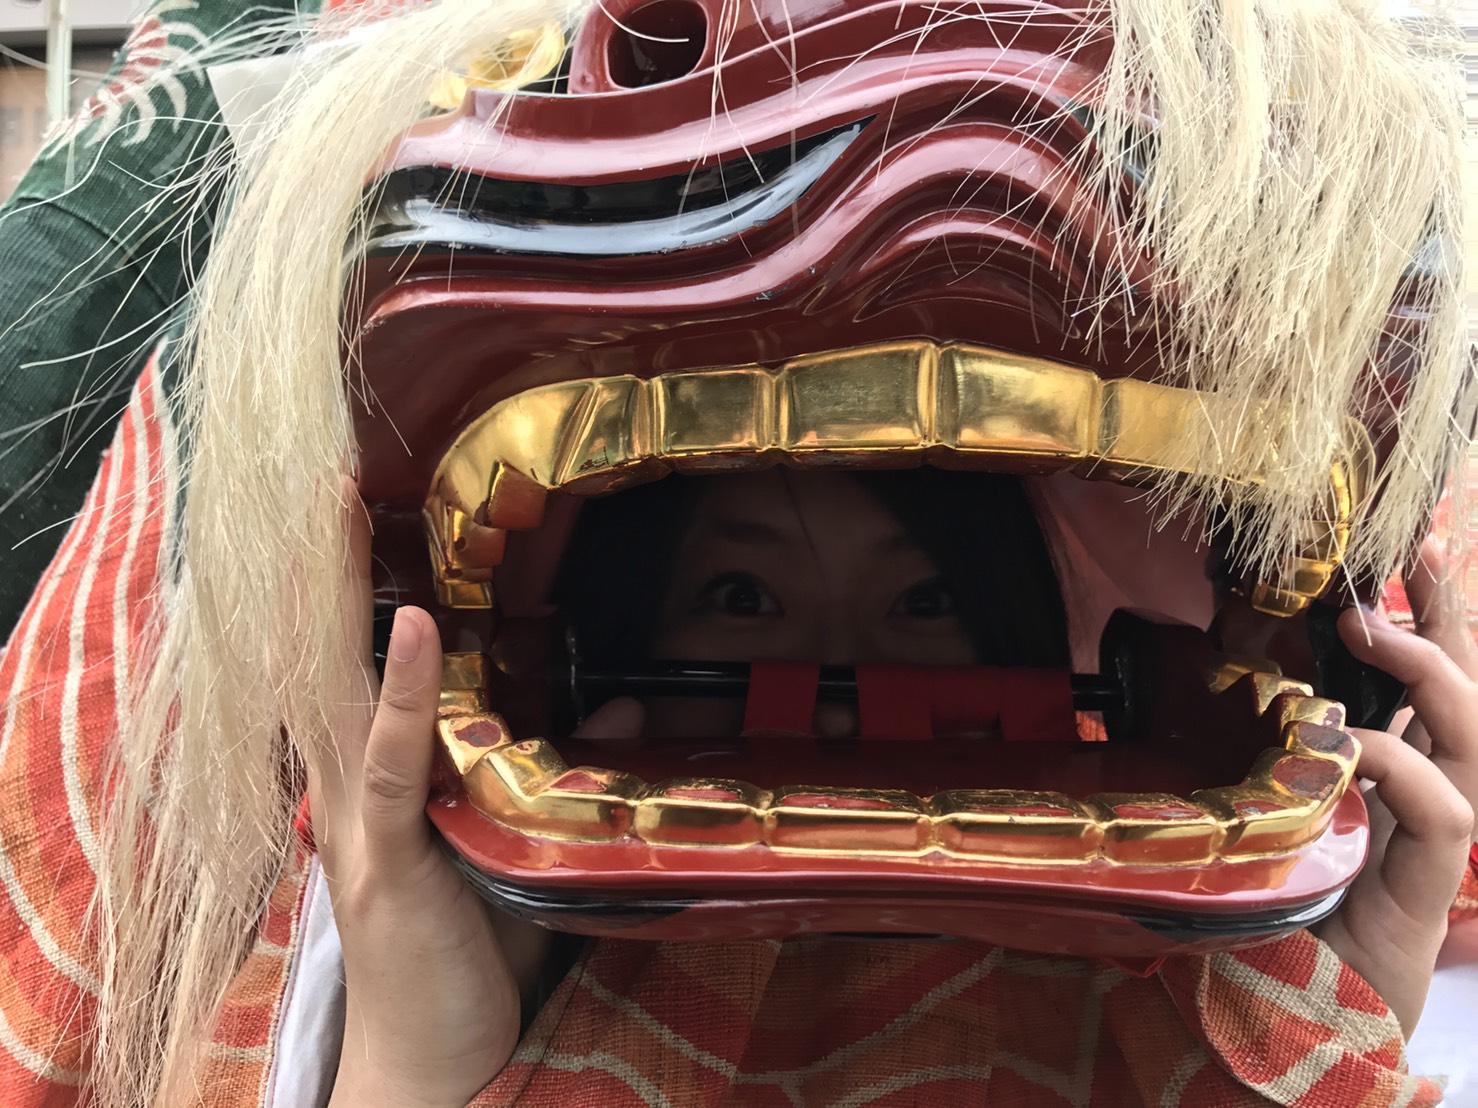 獅子 獅子組 笛 太鼓 ユネスコ 高山祭 飛騨高山 春祭り 秋祭り